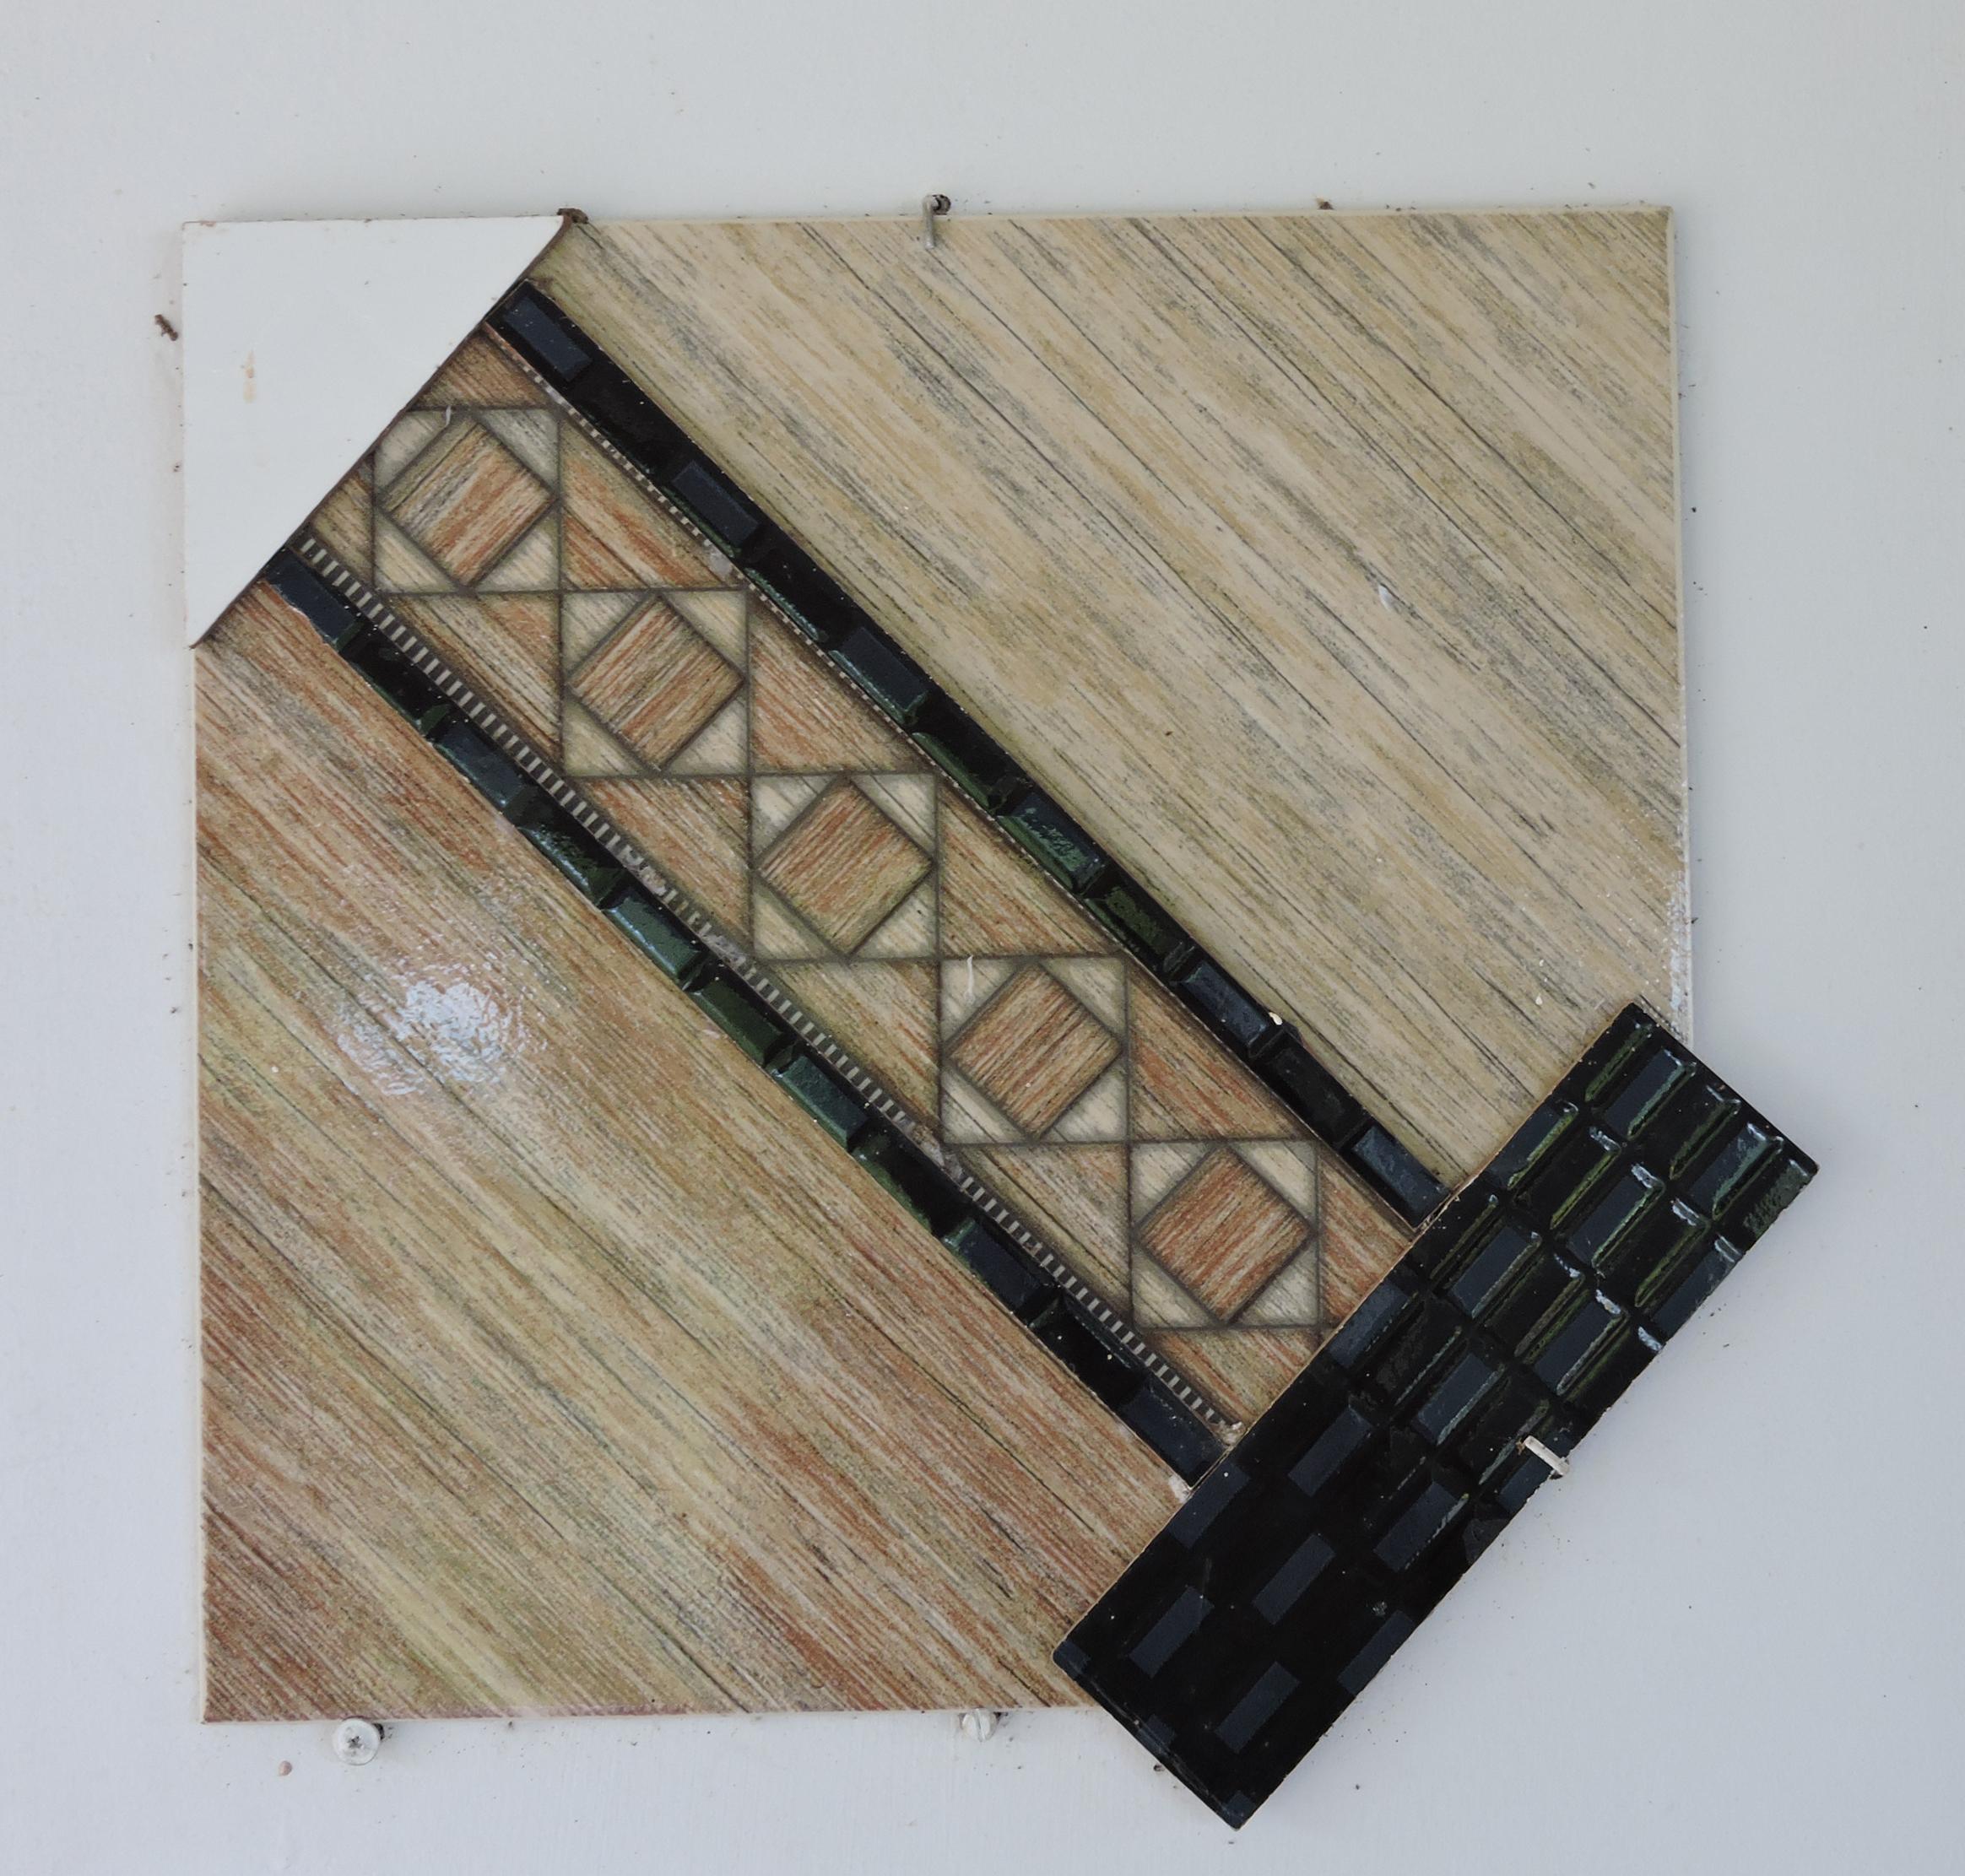 Creusa_Salame_-_Composição_3,_2012._Colagem_azulejo,_44x44